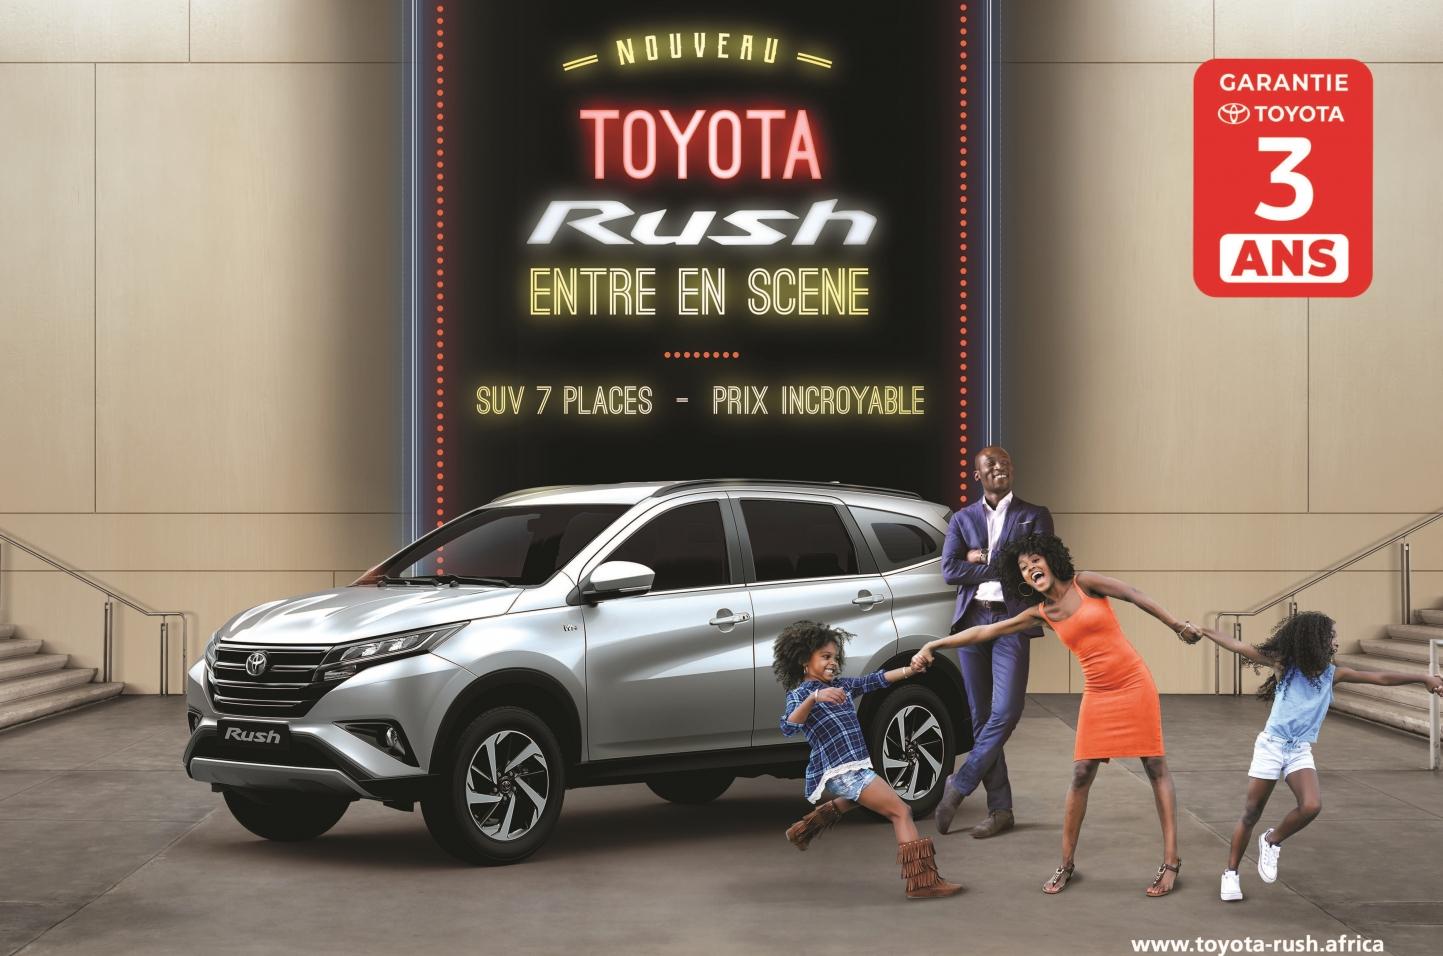 Le Toyota Rush entre en scène